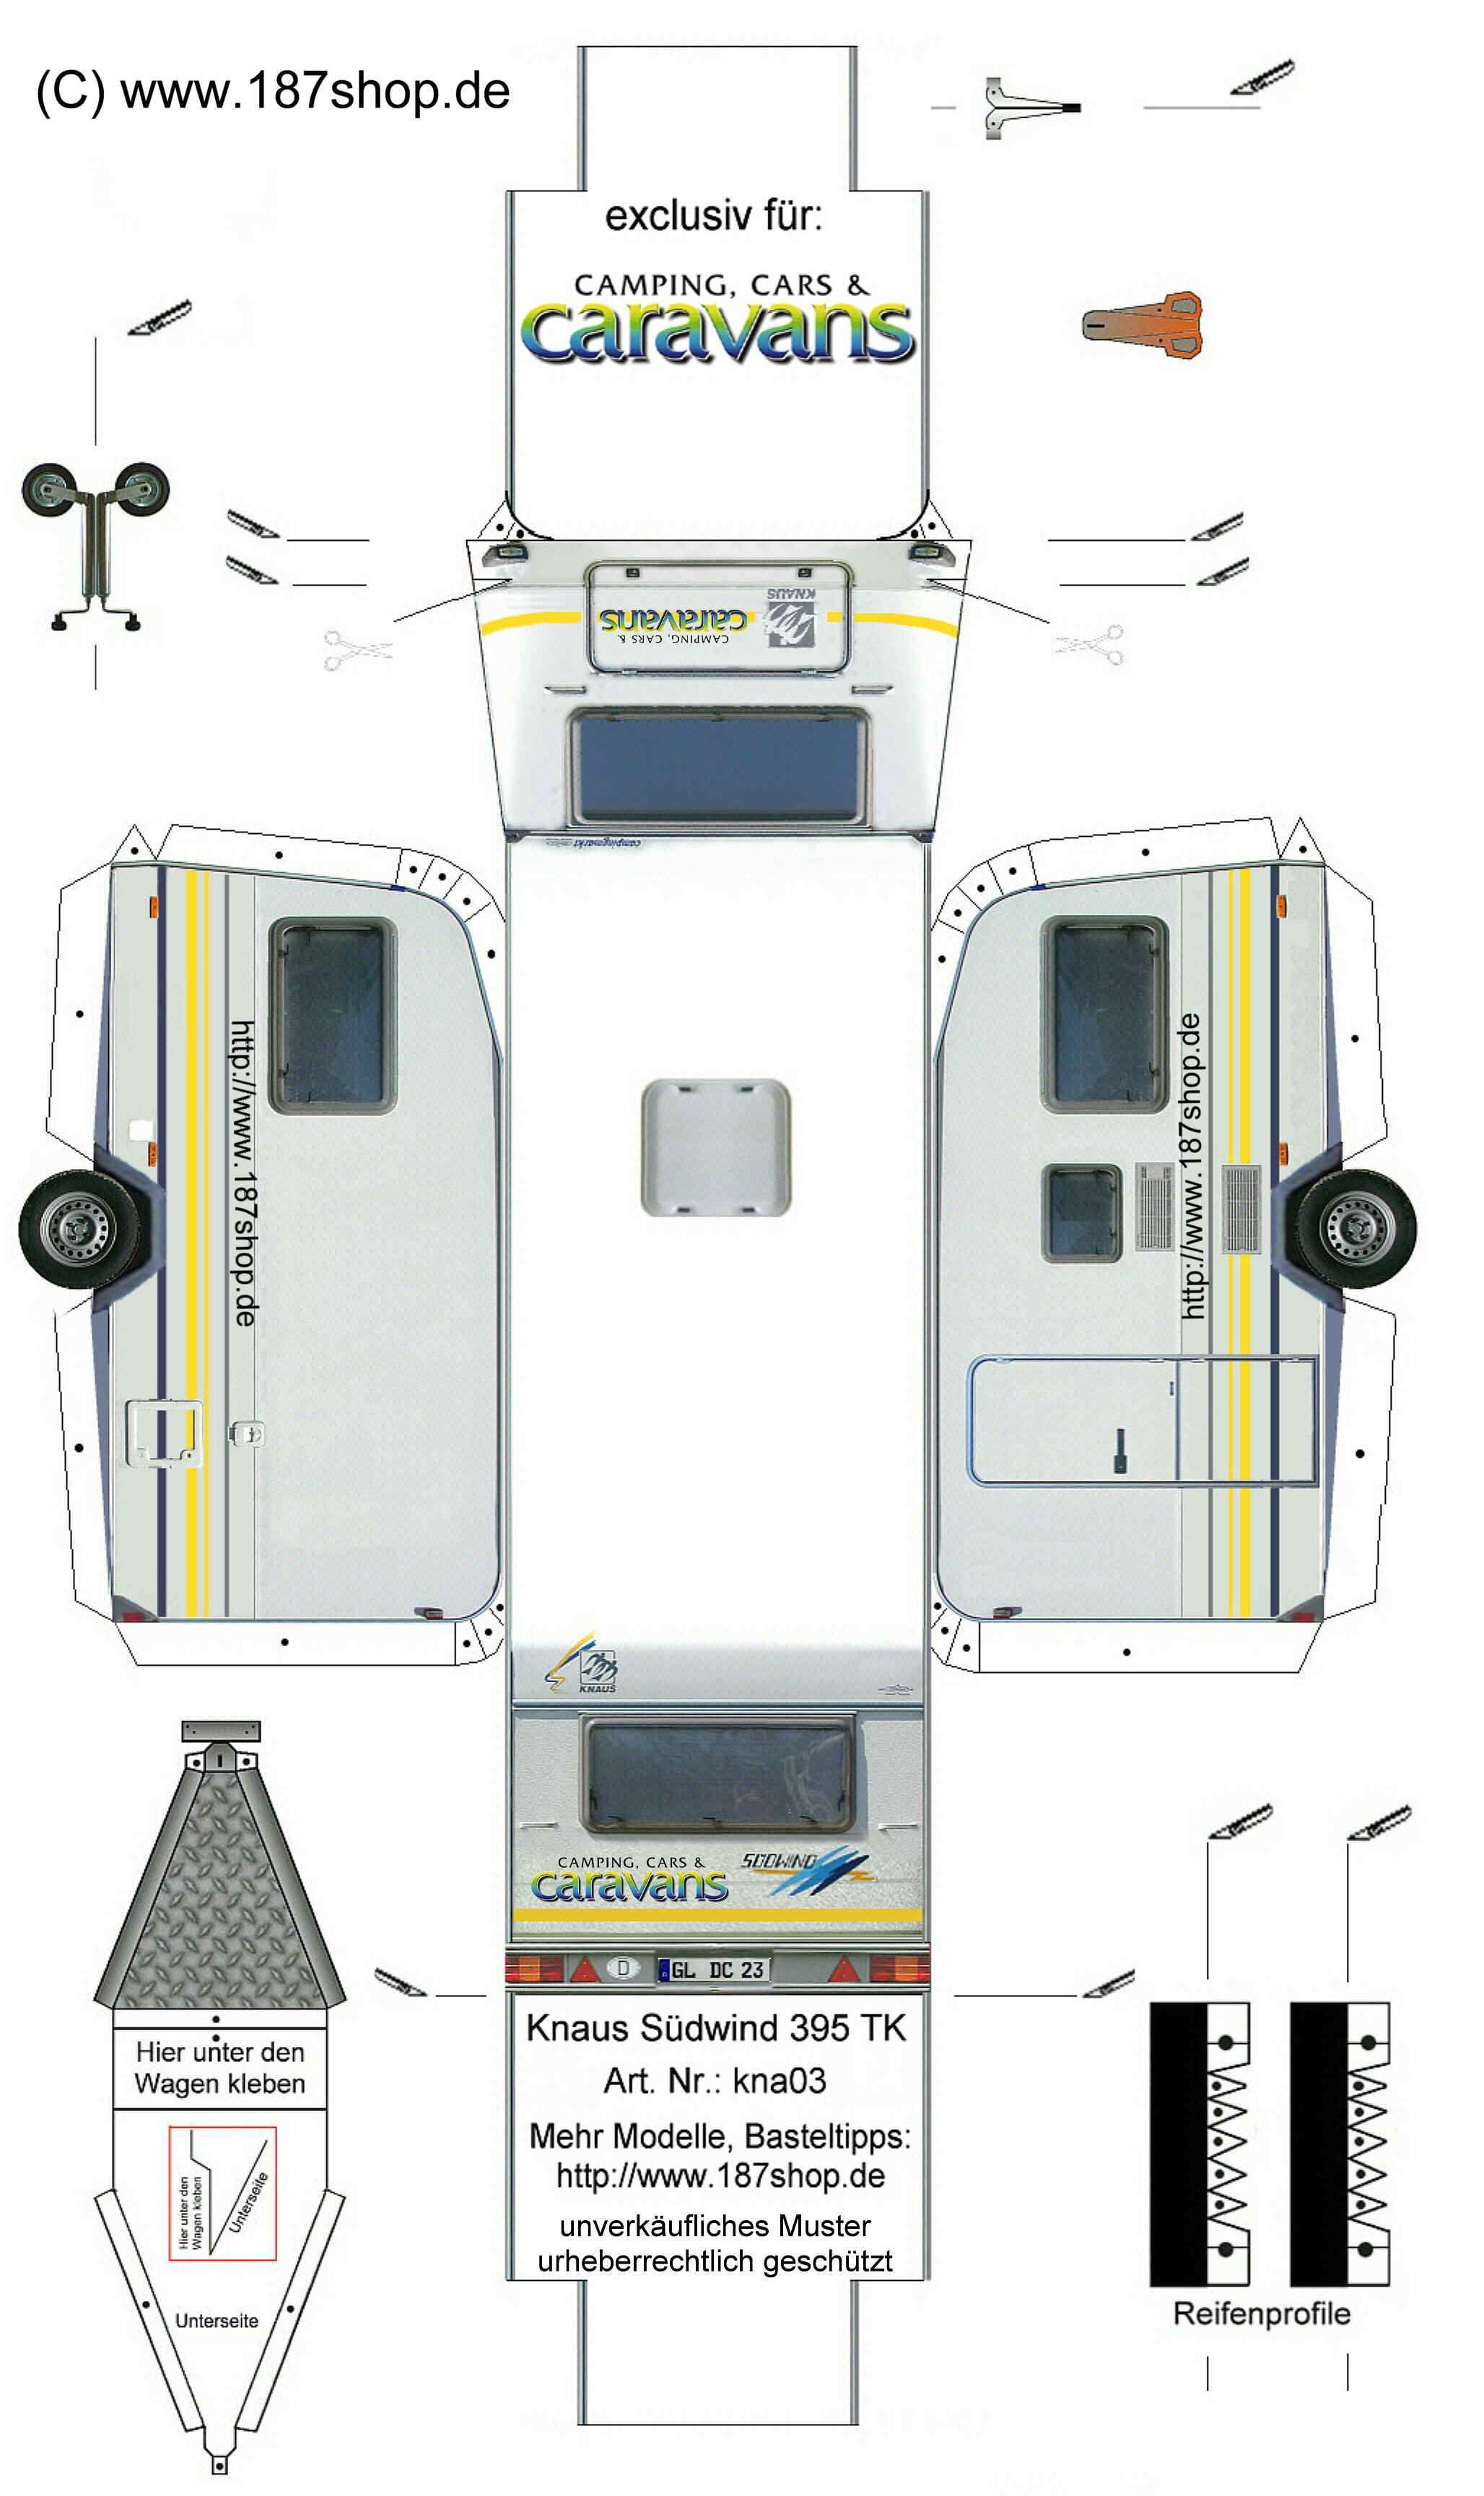 M Tdunkel S 1 87 Shop Kontaktformular Papiermodell Wohnwagen Bastelbogen